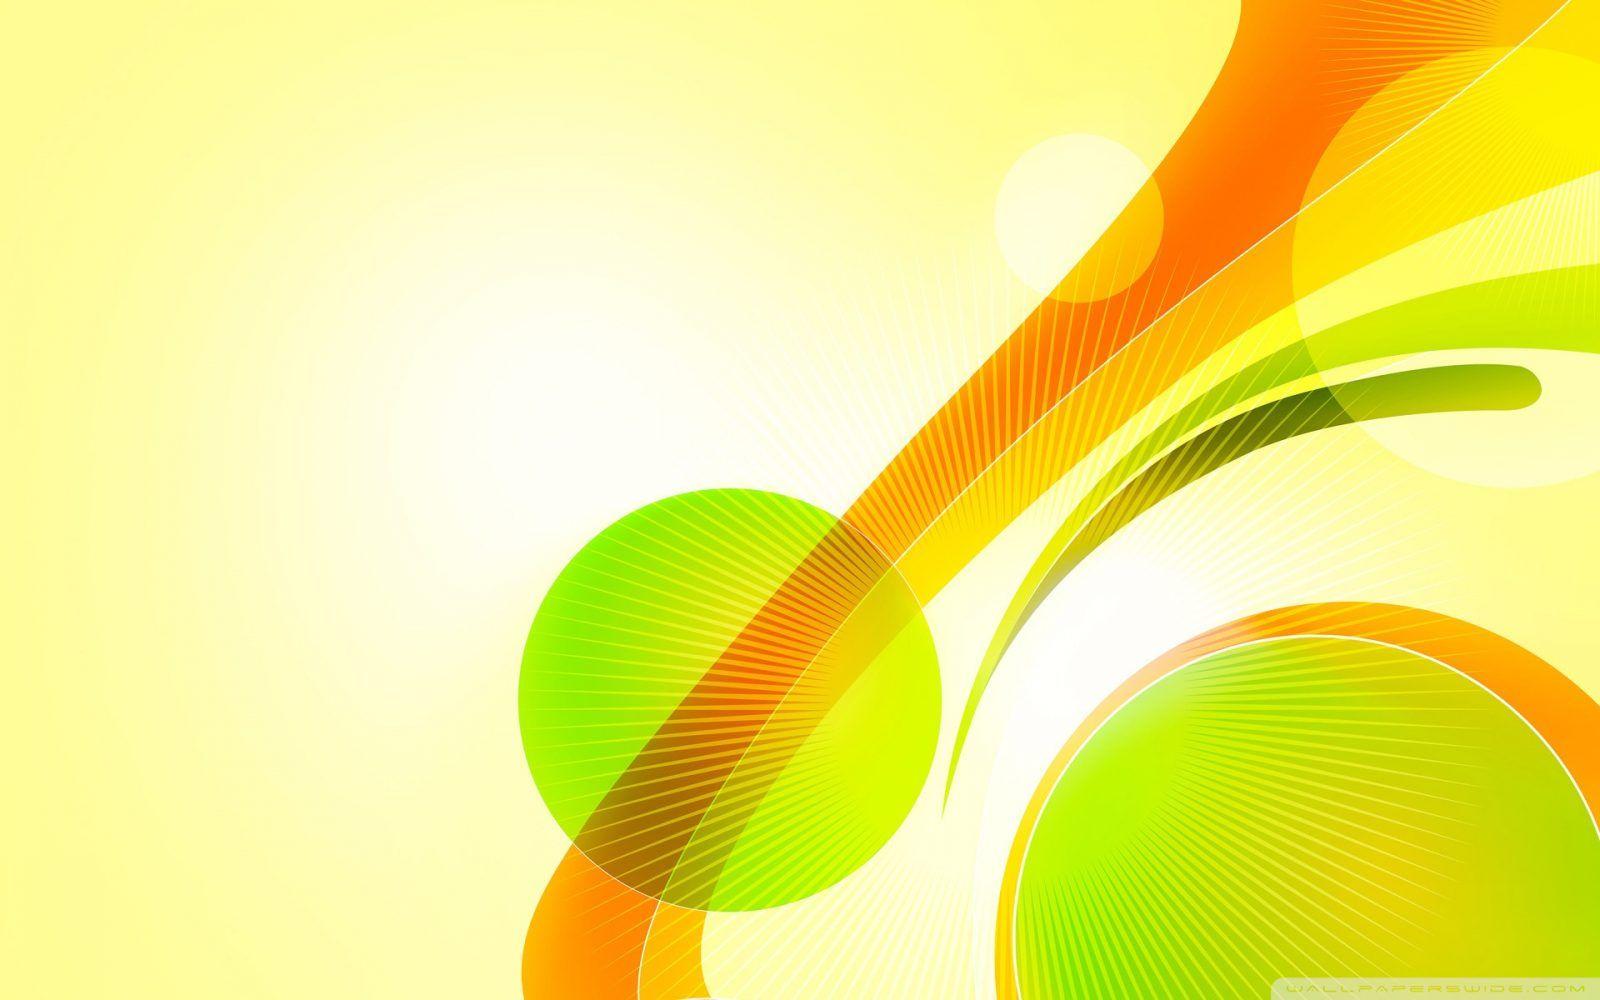 Abstract Wallpapers Hd Fondos Para Diapositivas Fondo De